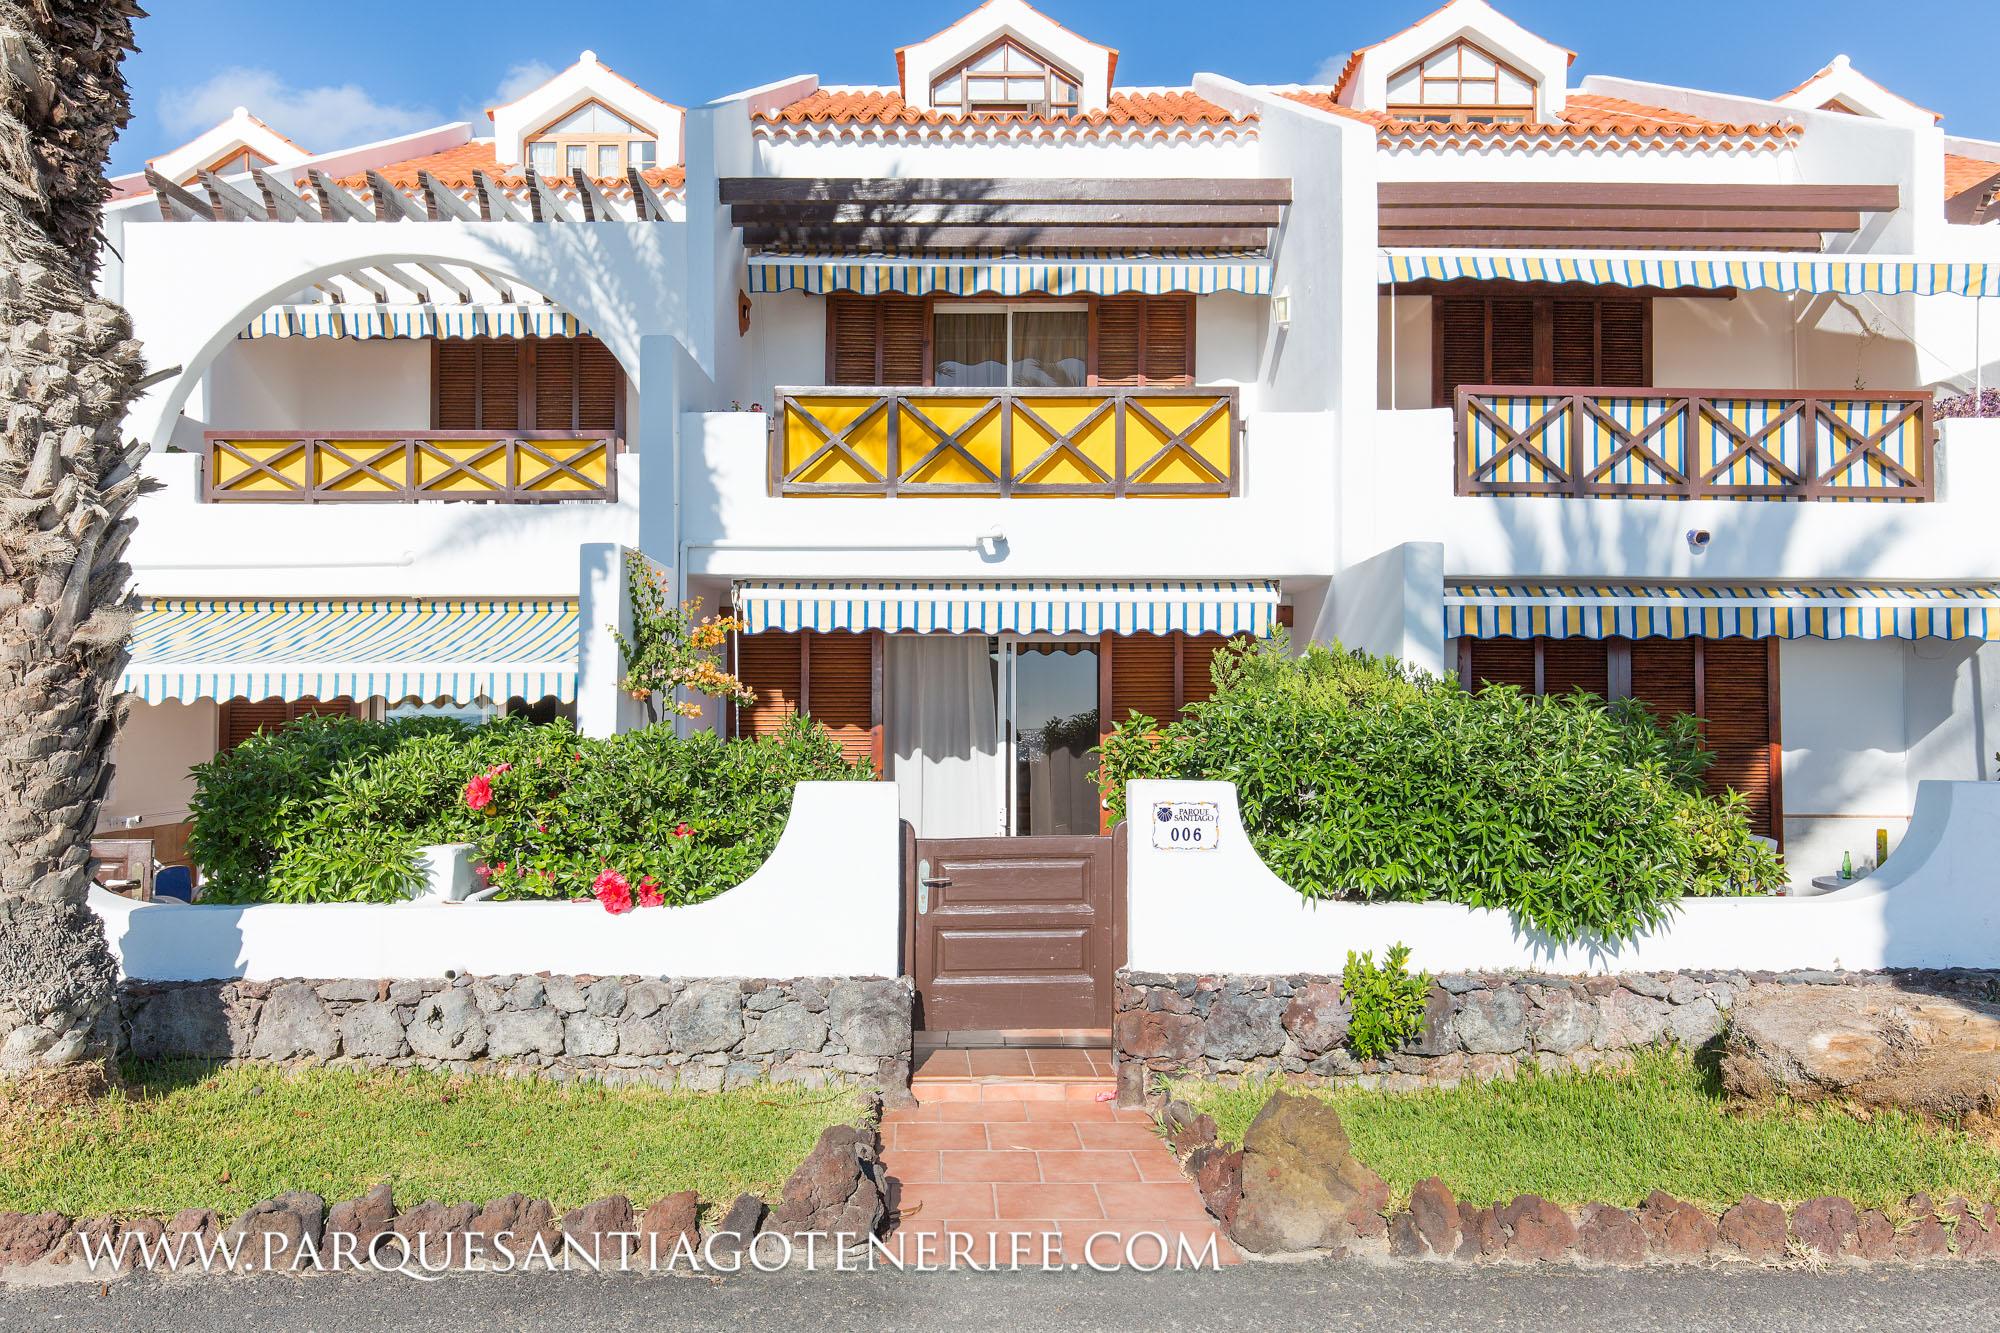 villa-006-entrance-parque-santiago-tenerife-1